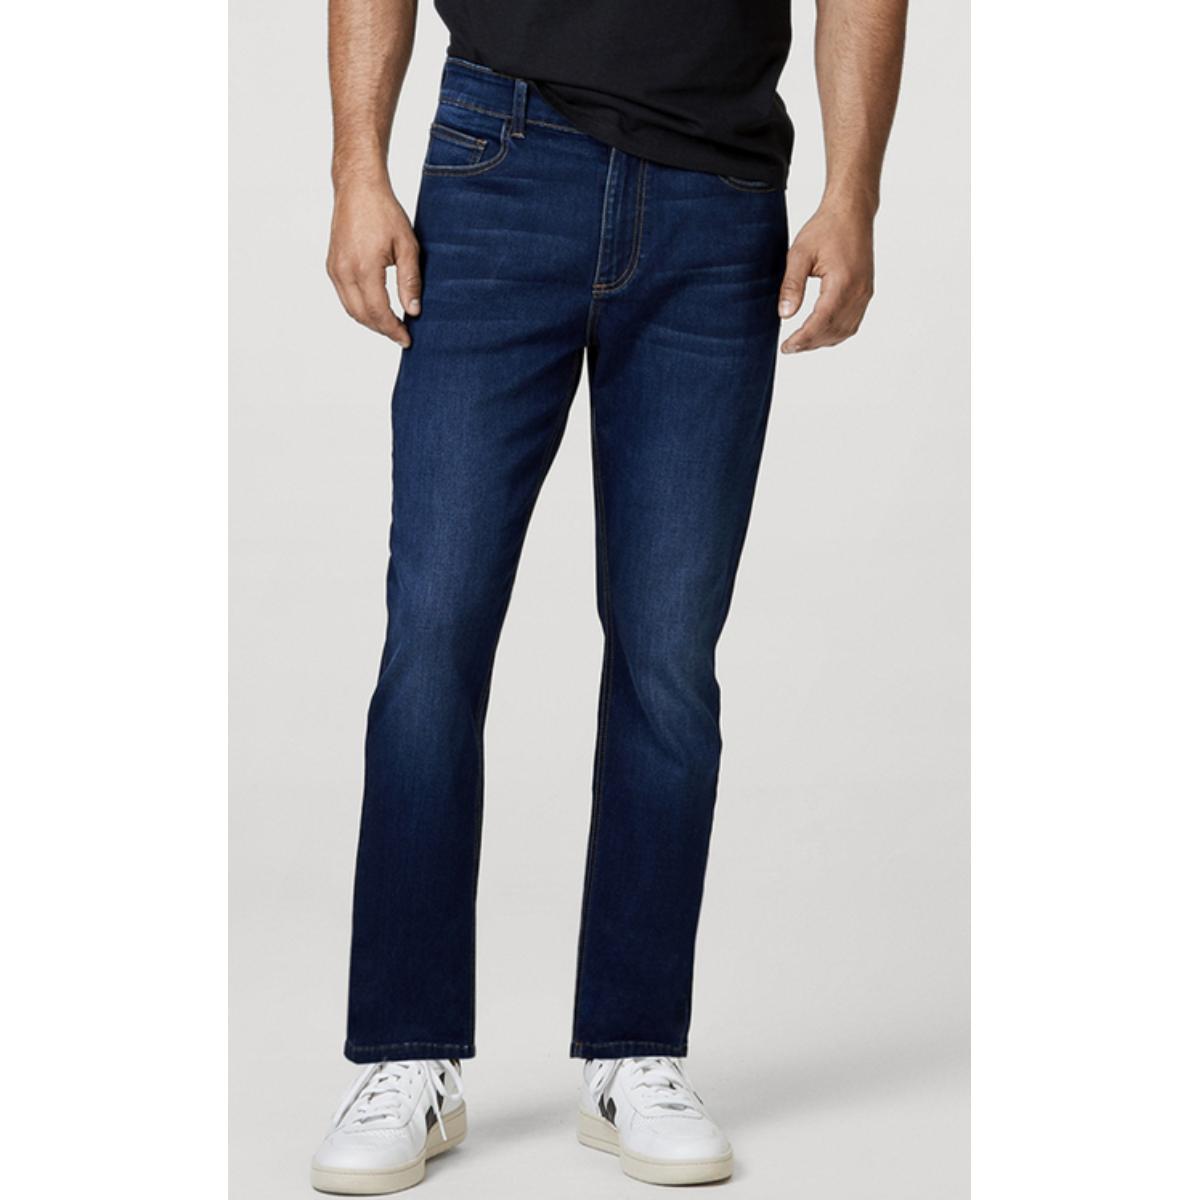 Calça Masculina Hering H1pm 1asi Jeans